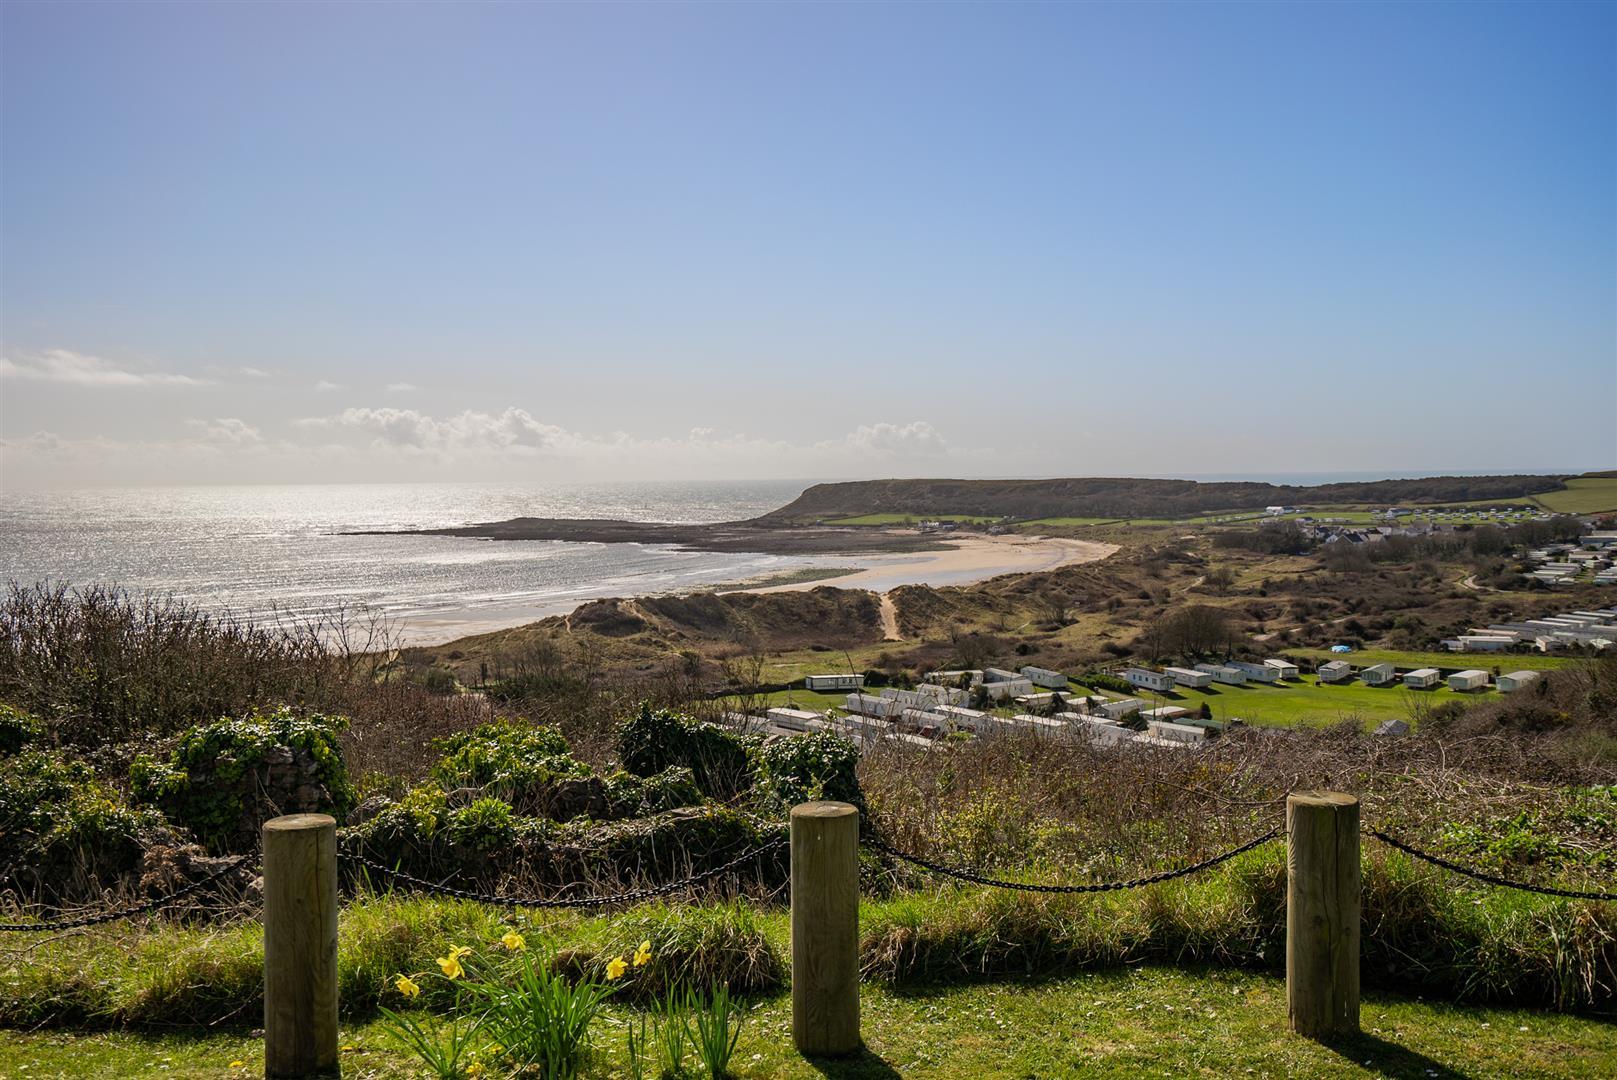 Castle Hill, Horton, Swansea, SA3 1LE